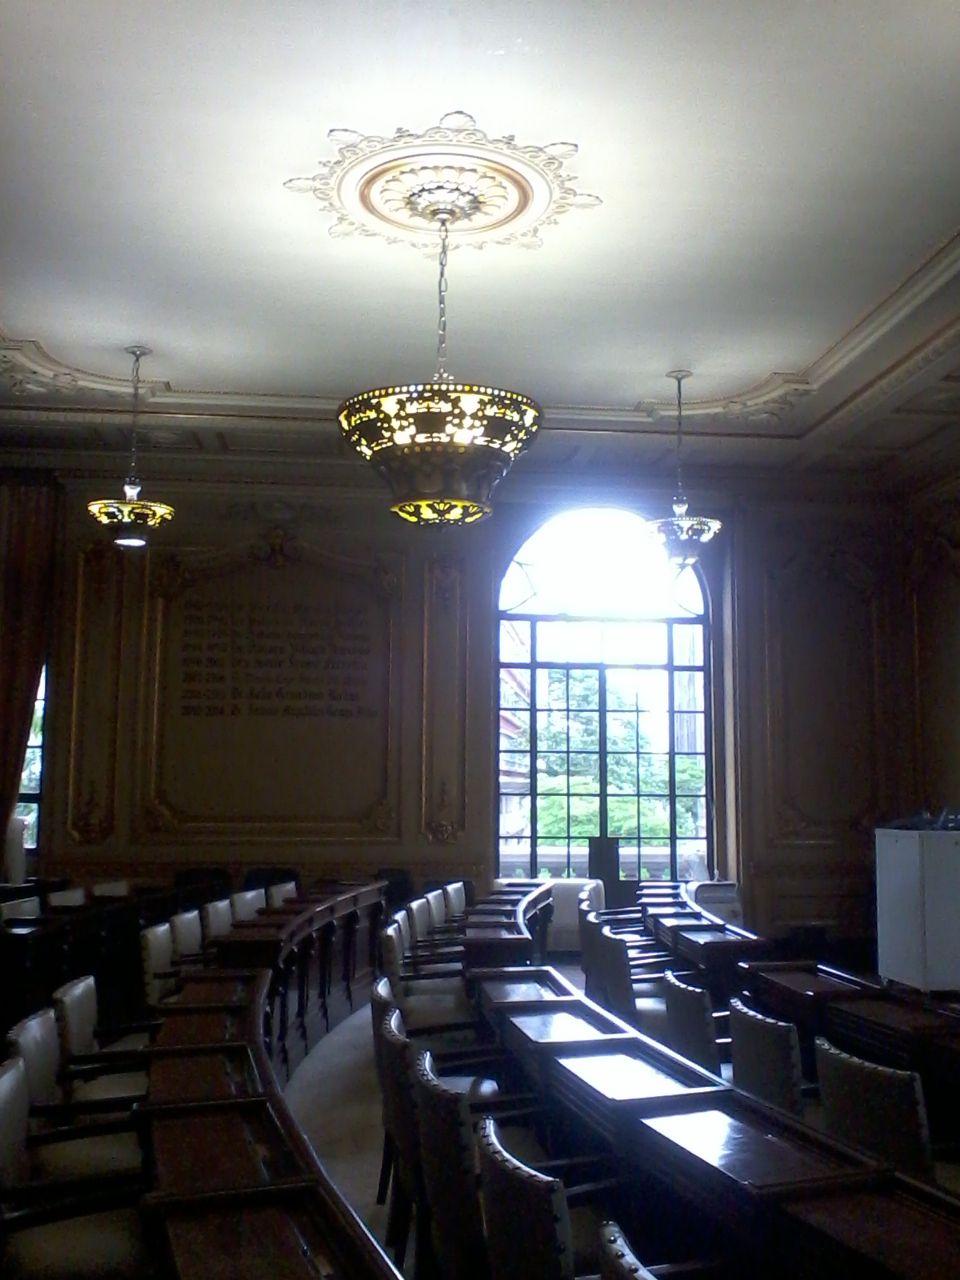 Faculdade de Direito da Universidade de São Paulo - Sala da Congregação